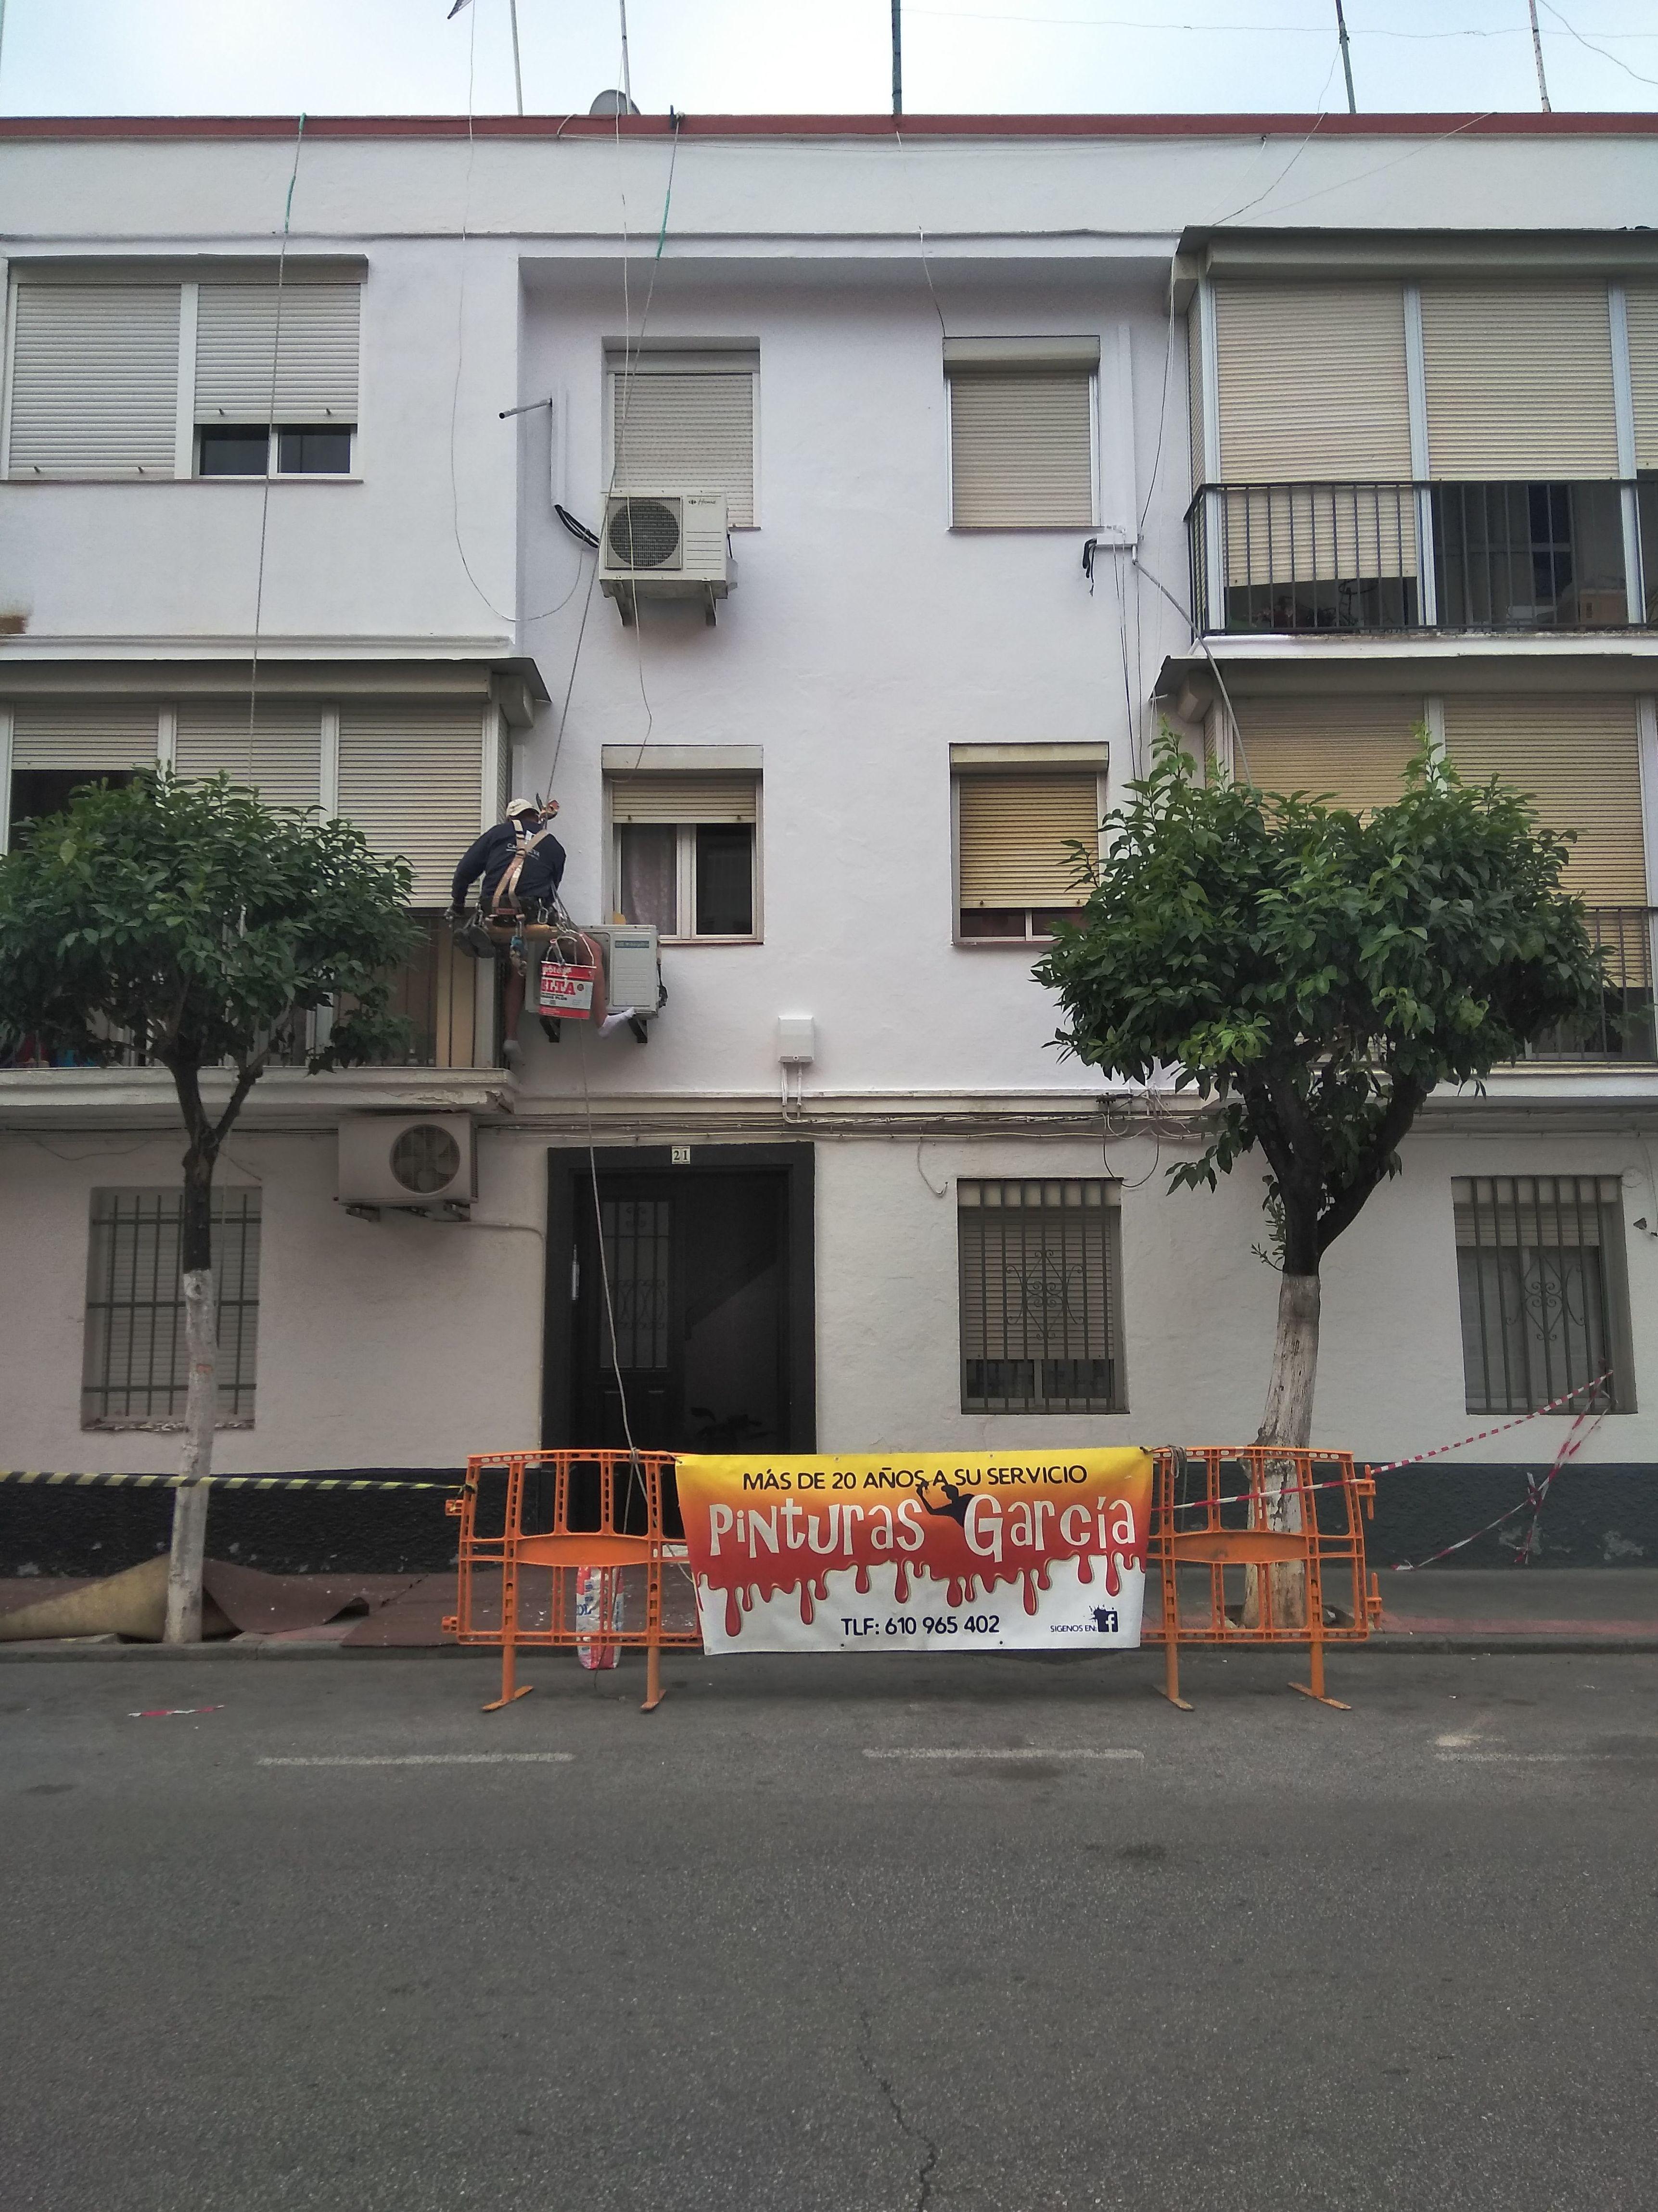 Foto 23 de Especialistas en trabajos de altura en Dos Hermanas | Pinturas García